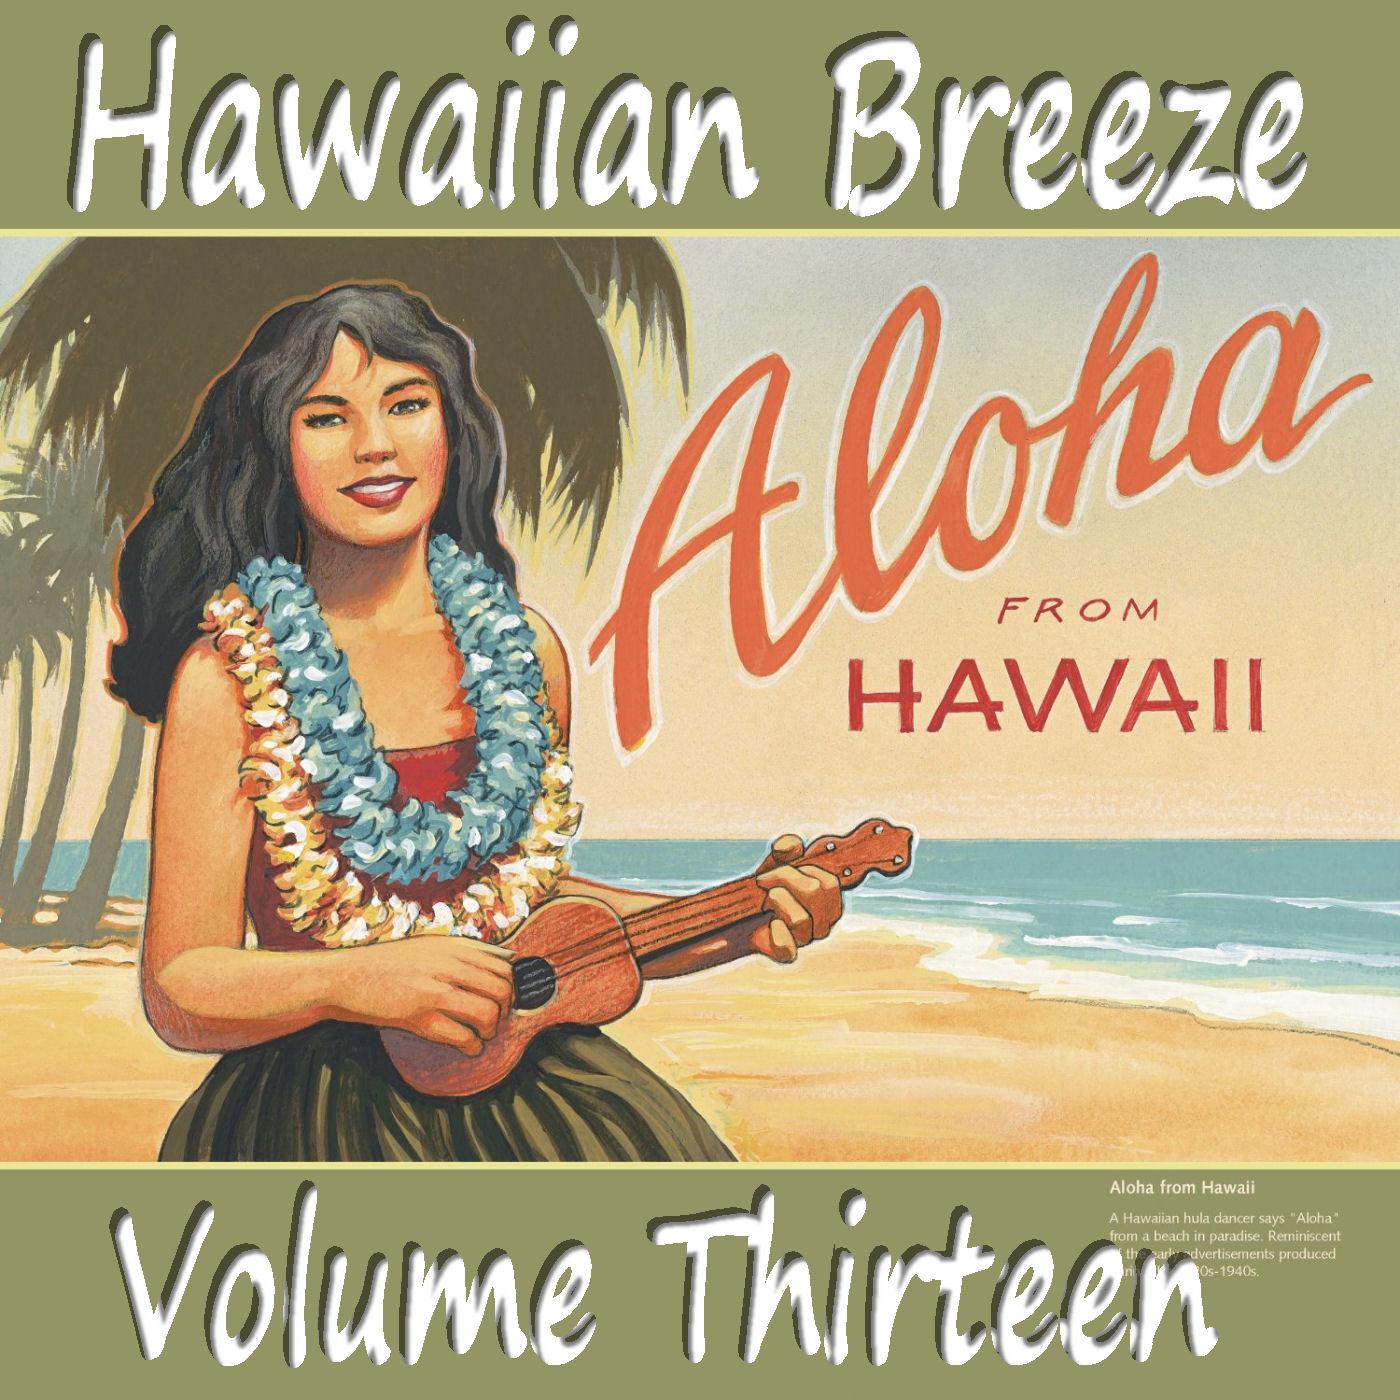 Hawaiianbreezevol13_small